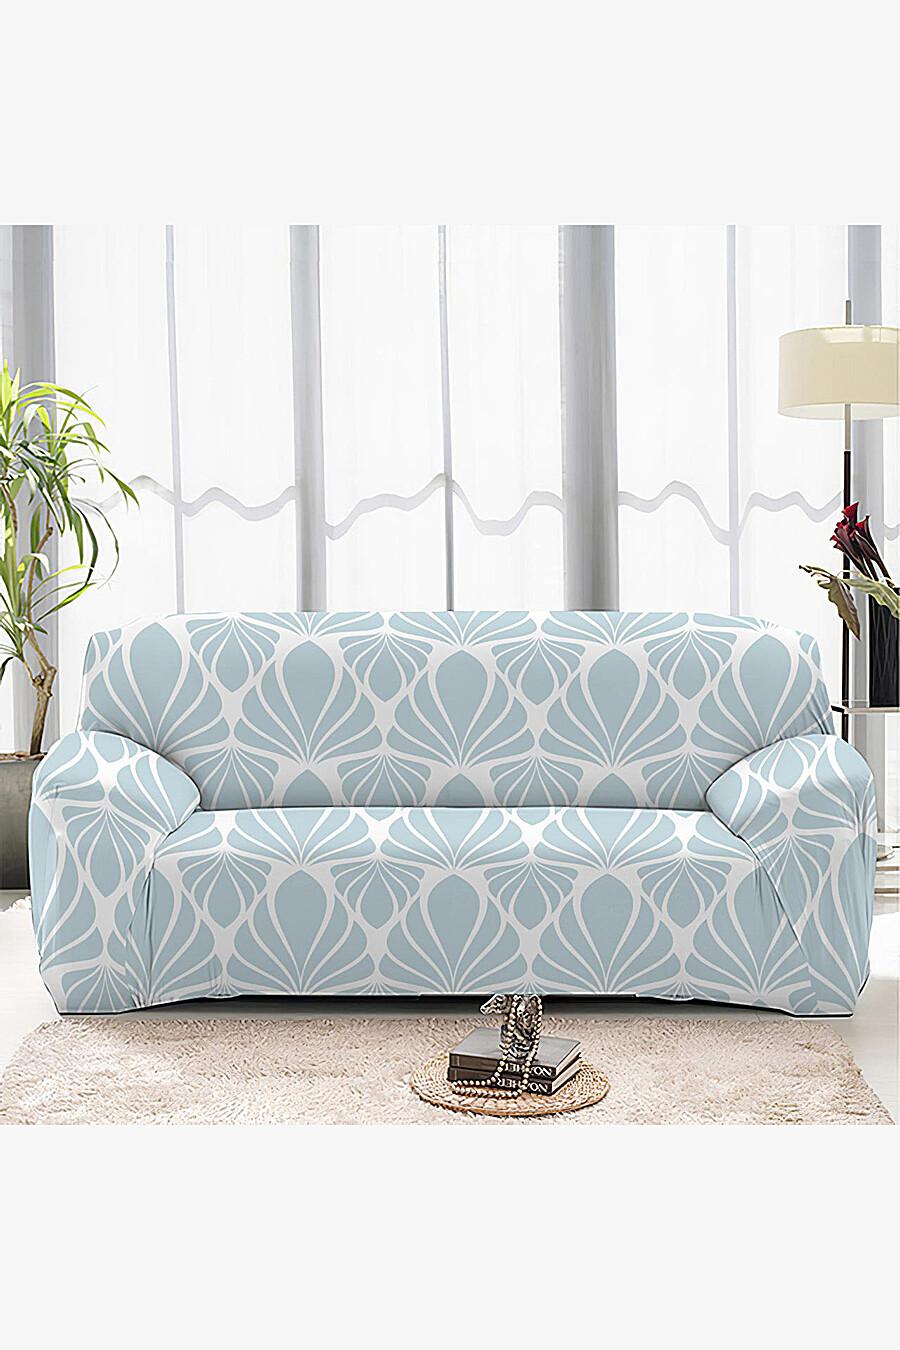 Чехол на диван для дома ART HOME TEXTILE 162976 купить оптом от производителя. Совместная покупка товаров для дома в OptMoyo